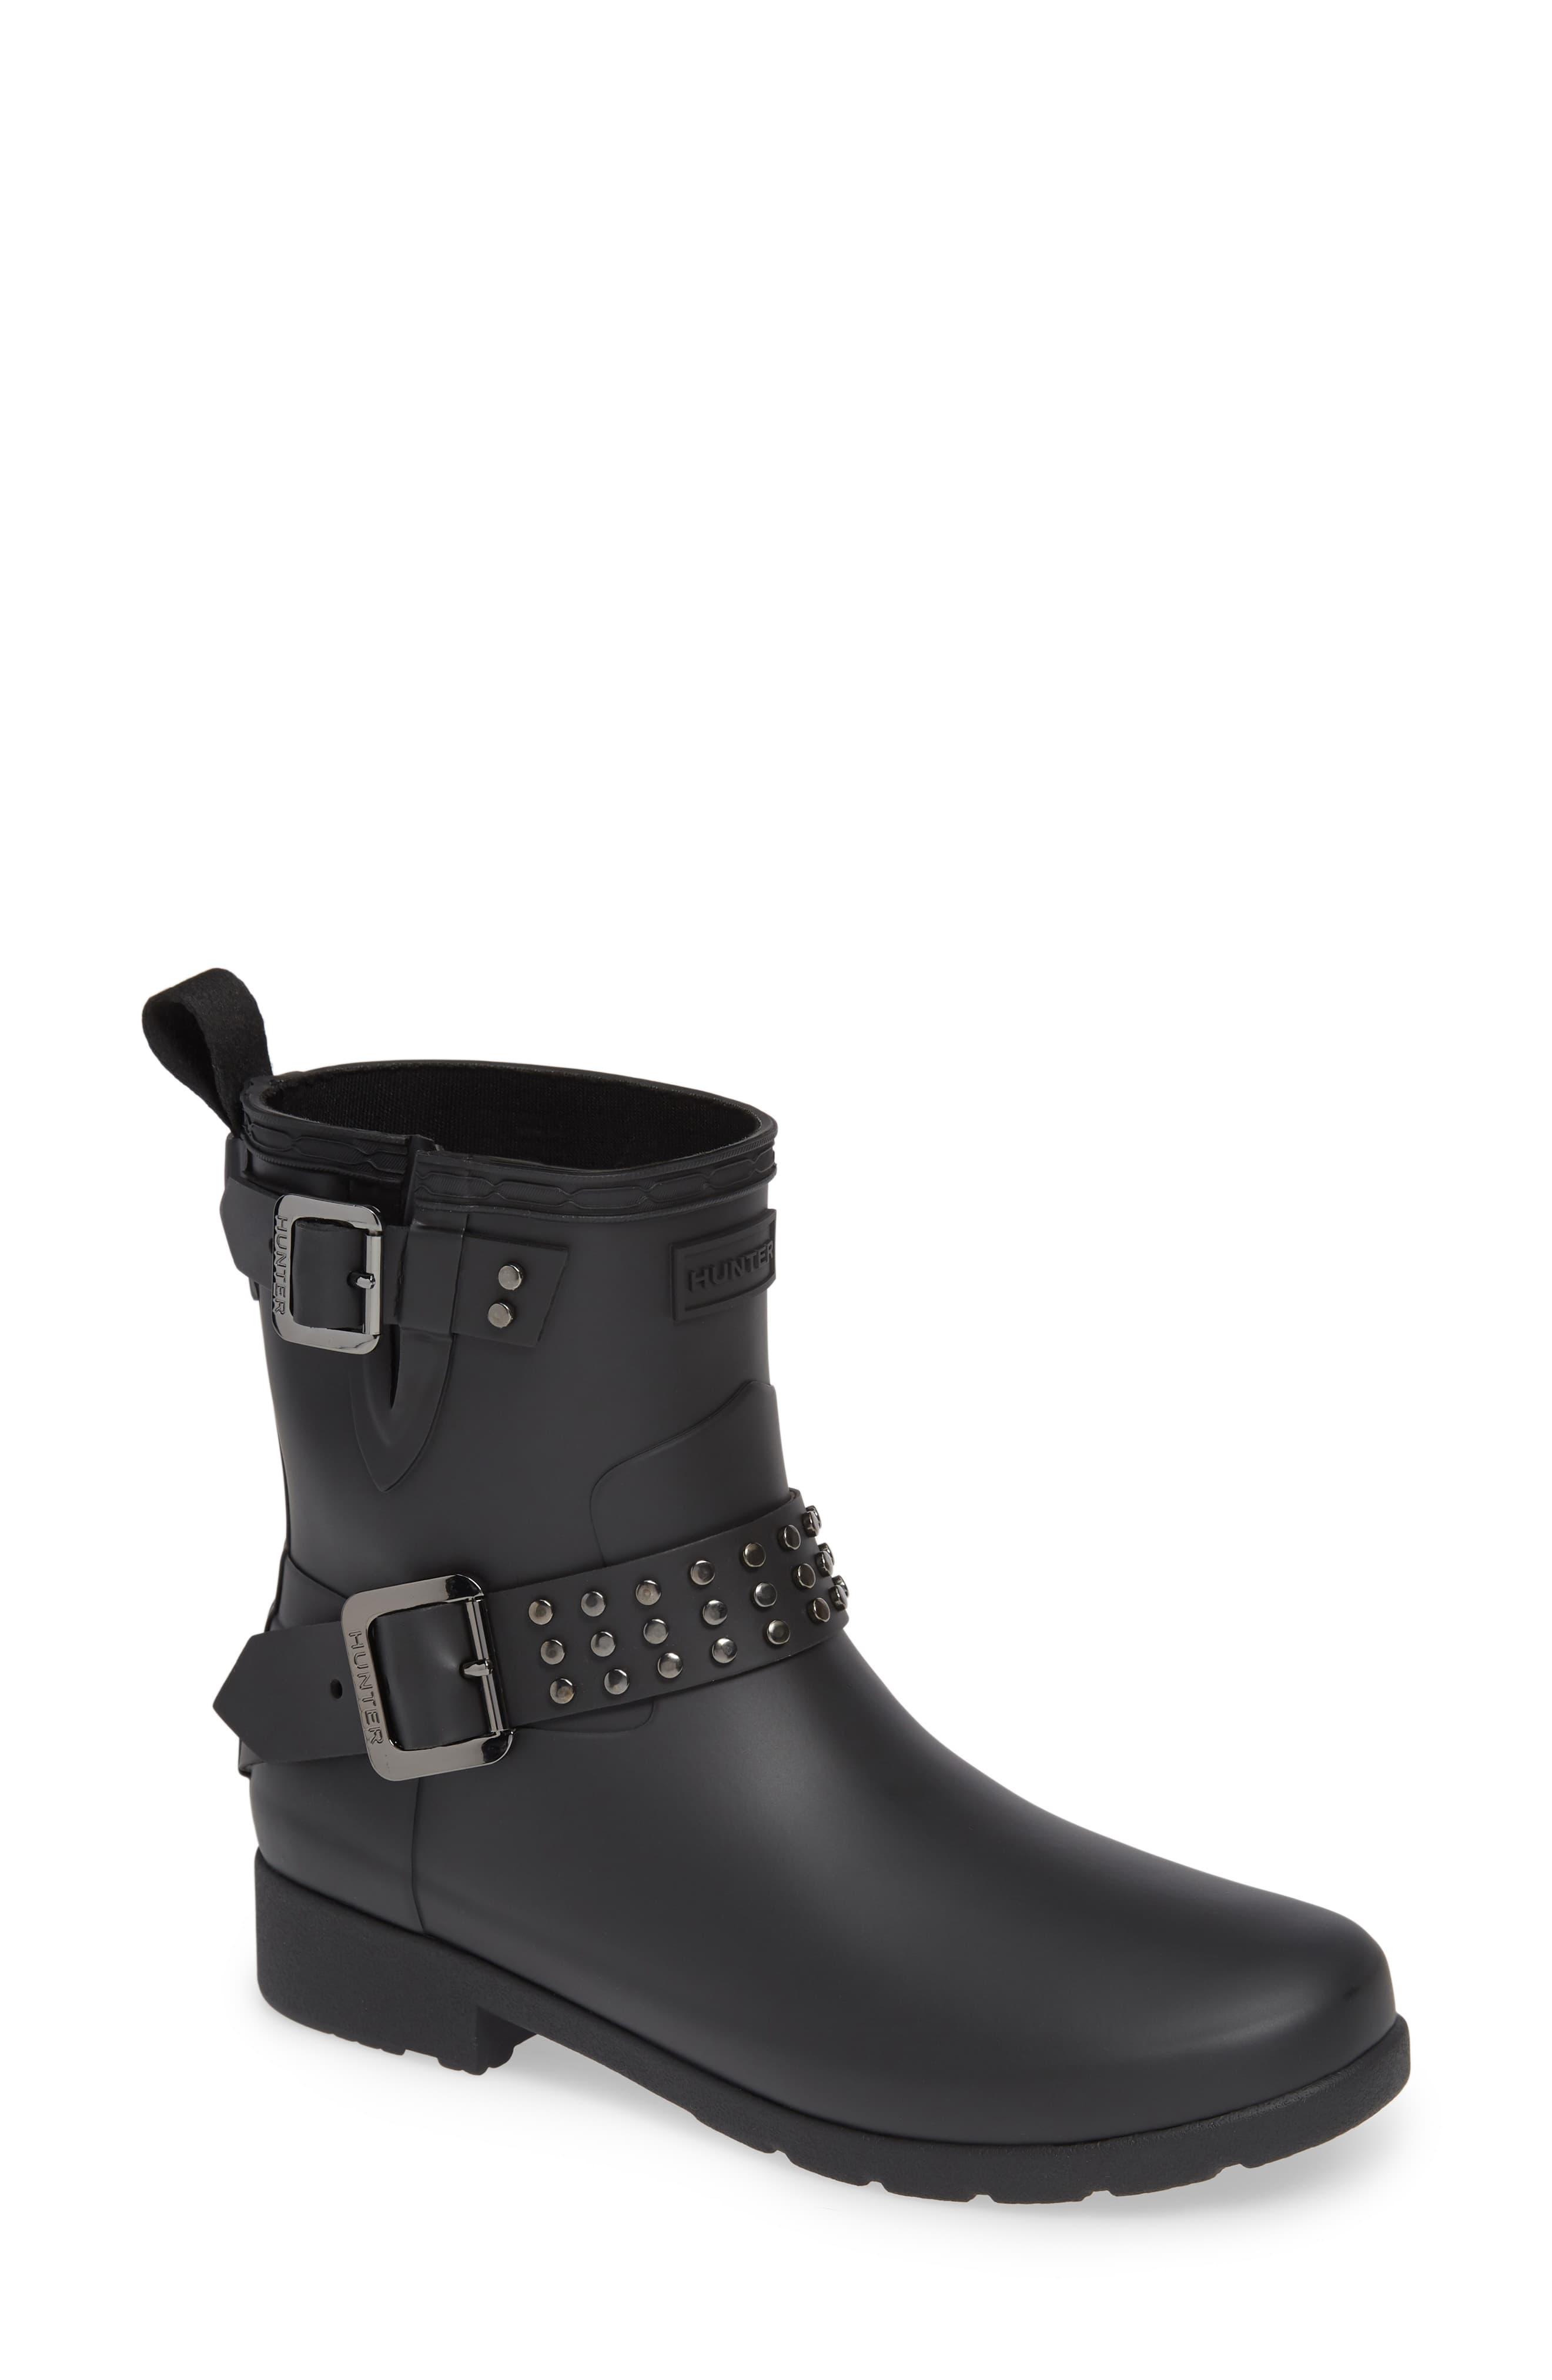 83c871e43f2 Women's Hunter Refined Stud Waterproof Biker Boot, Size 8 M - Black ...